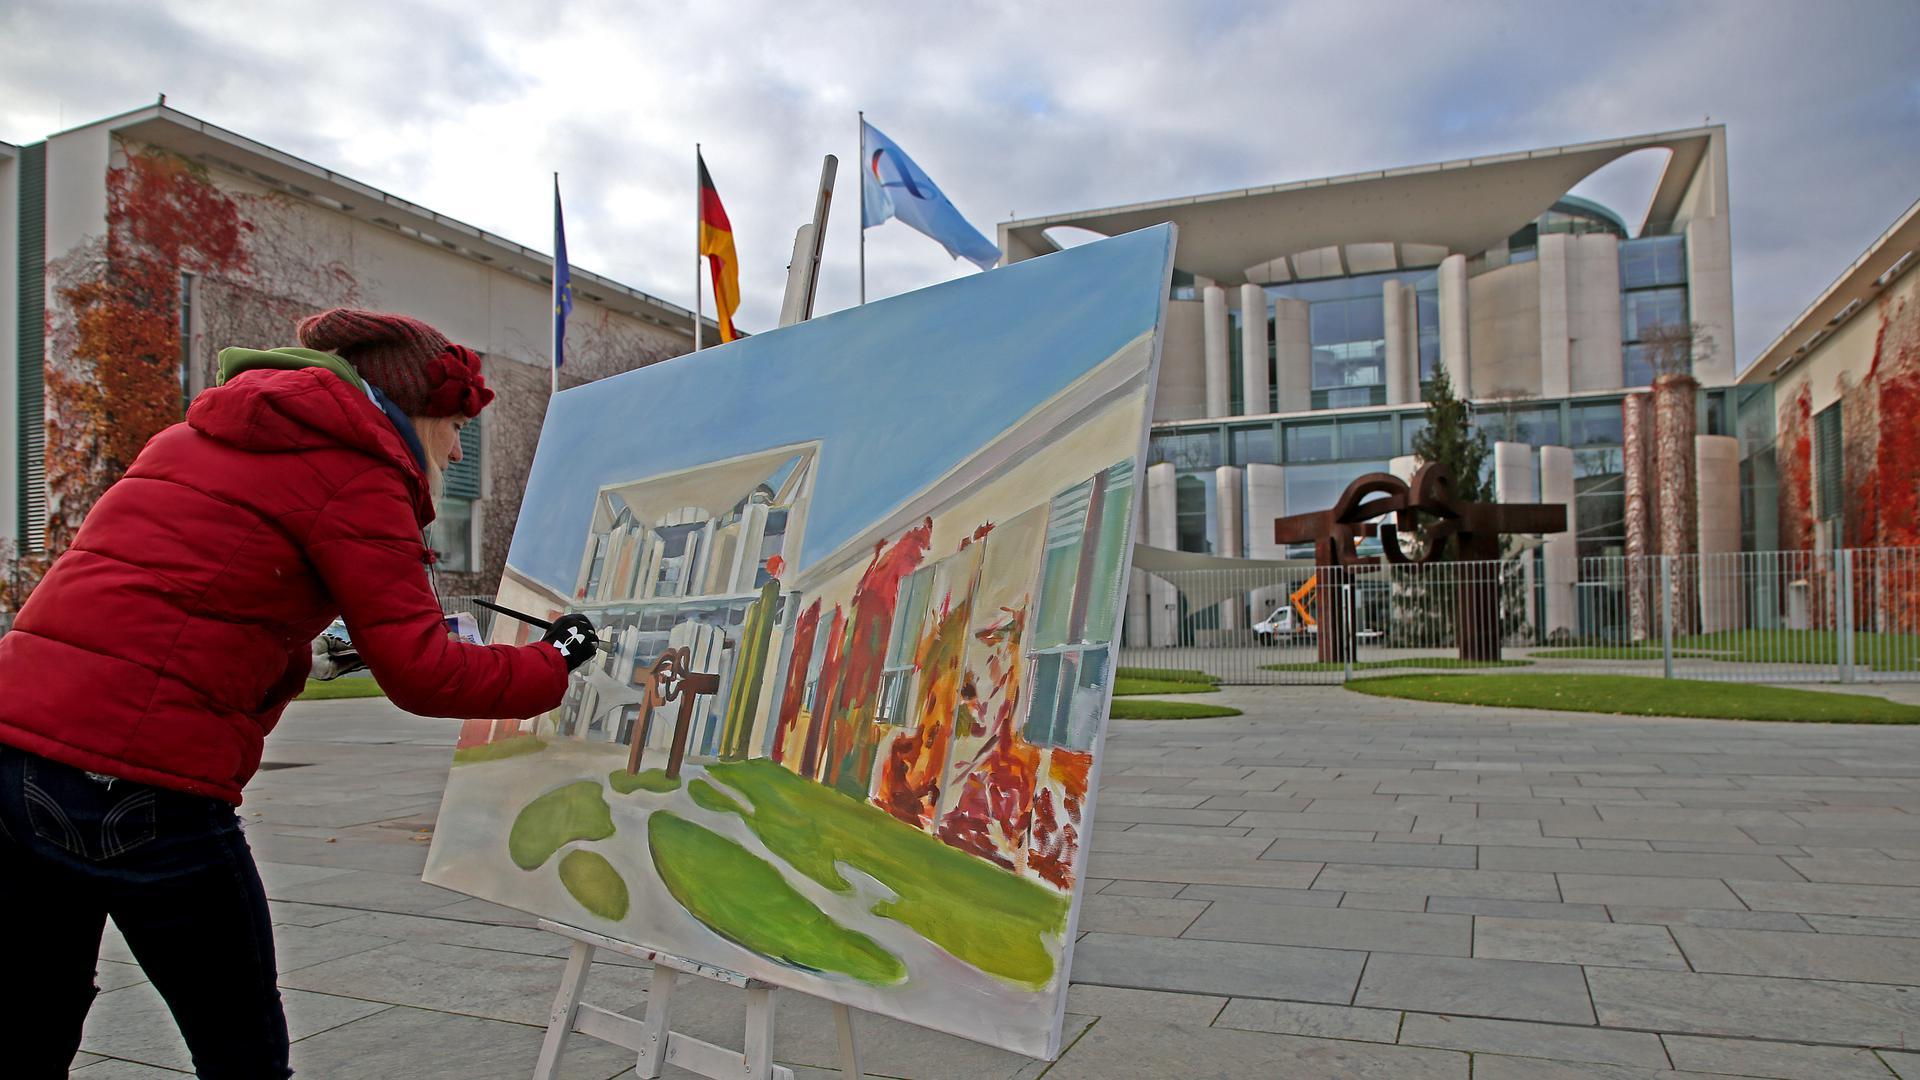 Die Künstlerin Lisa Schoefer fertigte vor dem Bundeskanzleramt ein Ölgemälde an. Auch malende Künstler erleben ein schweres Jahr - die Ausstellungshallen mussten vielerorts geschlossen bleiben.